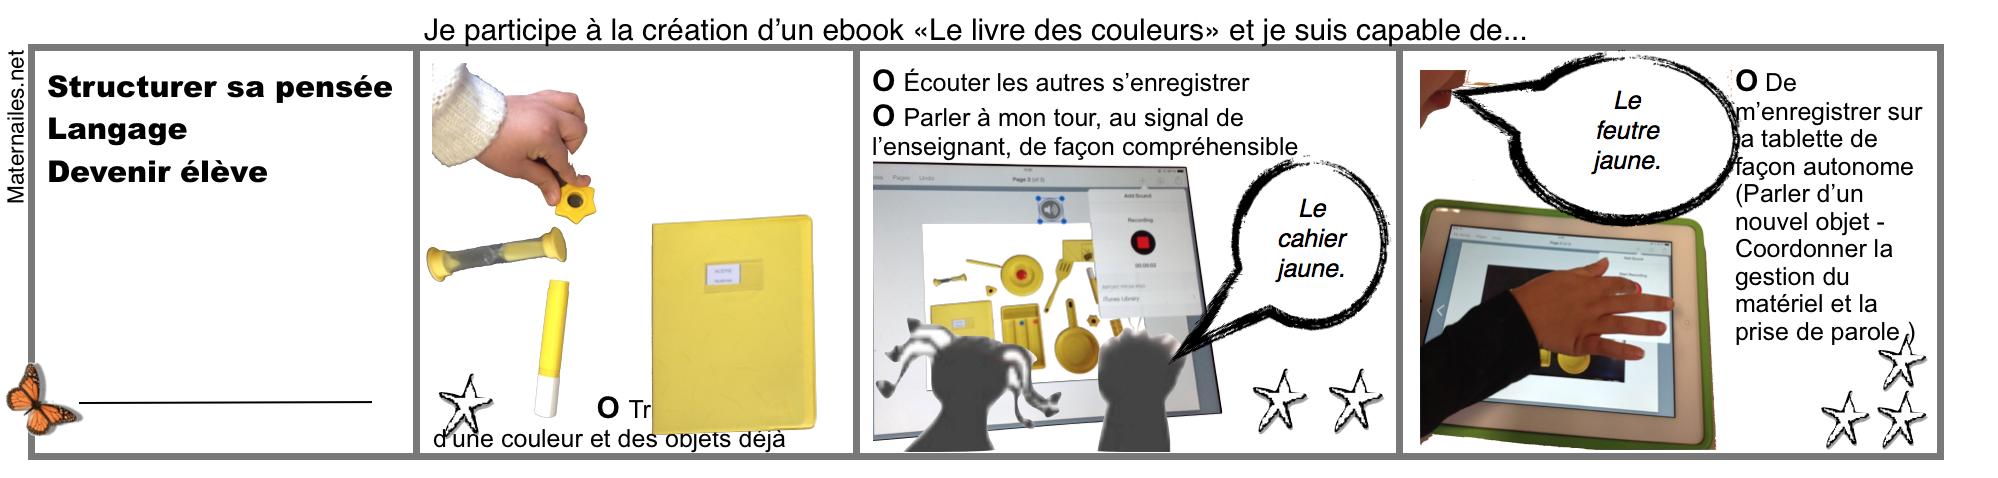 ebookcouleur